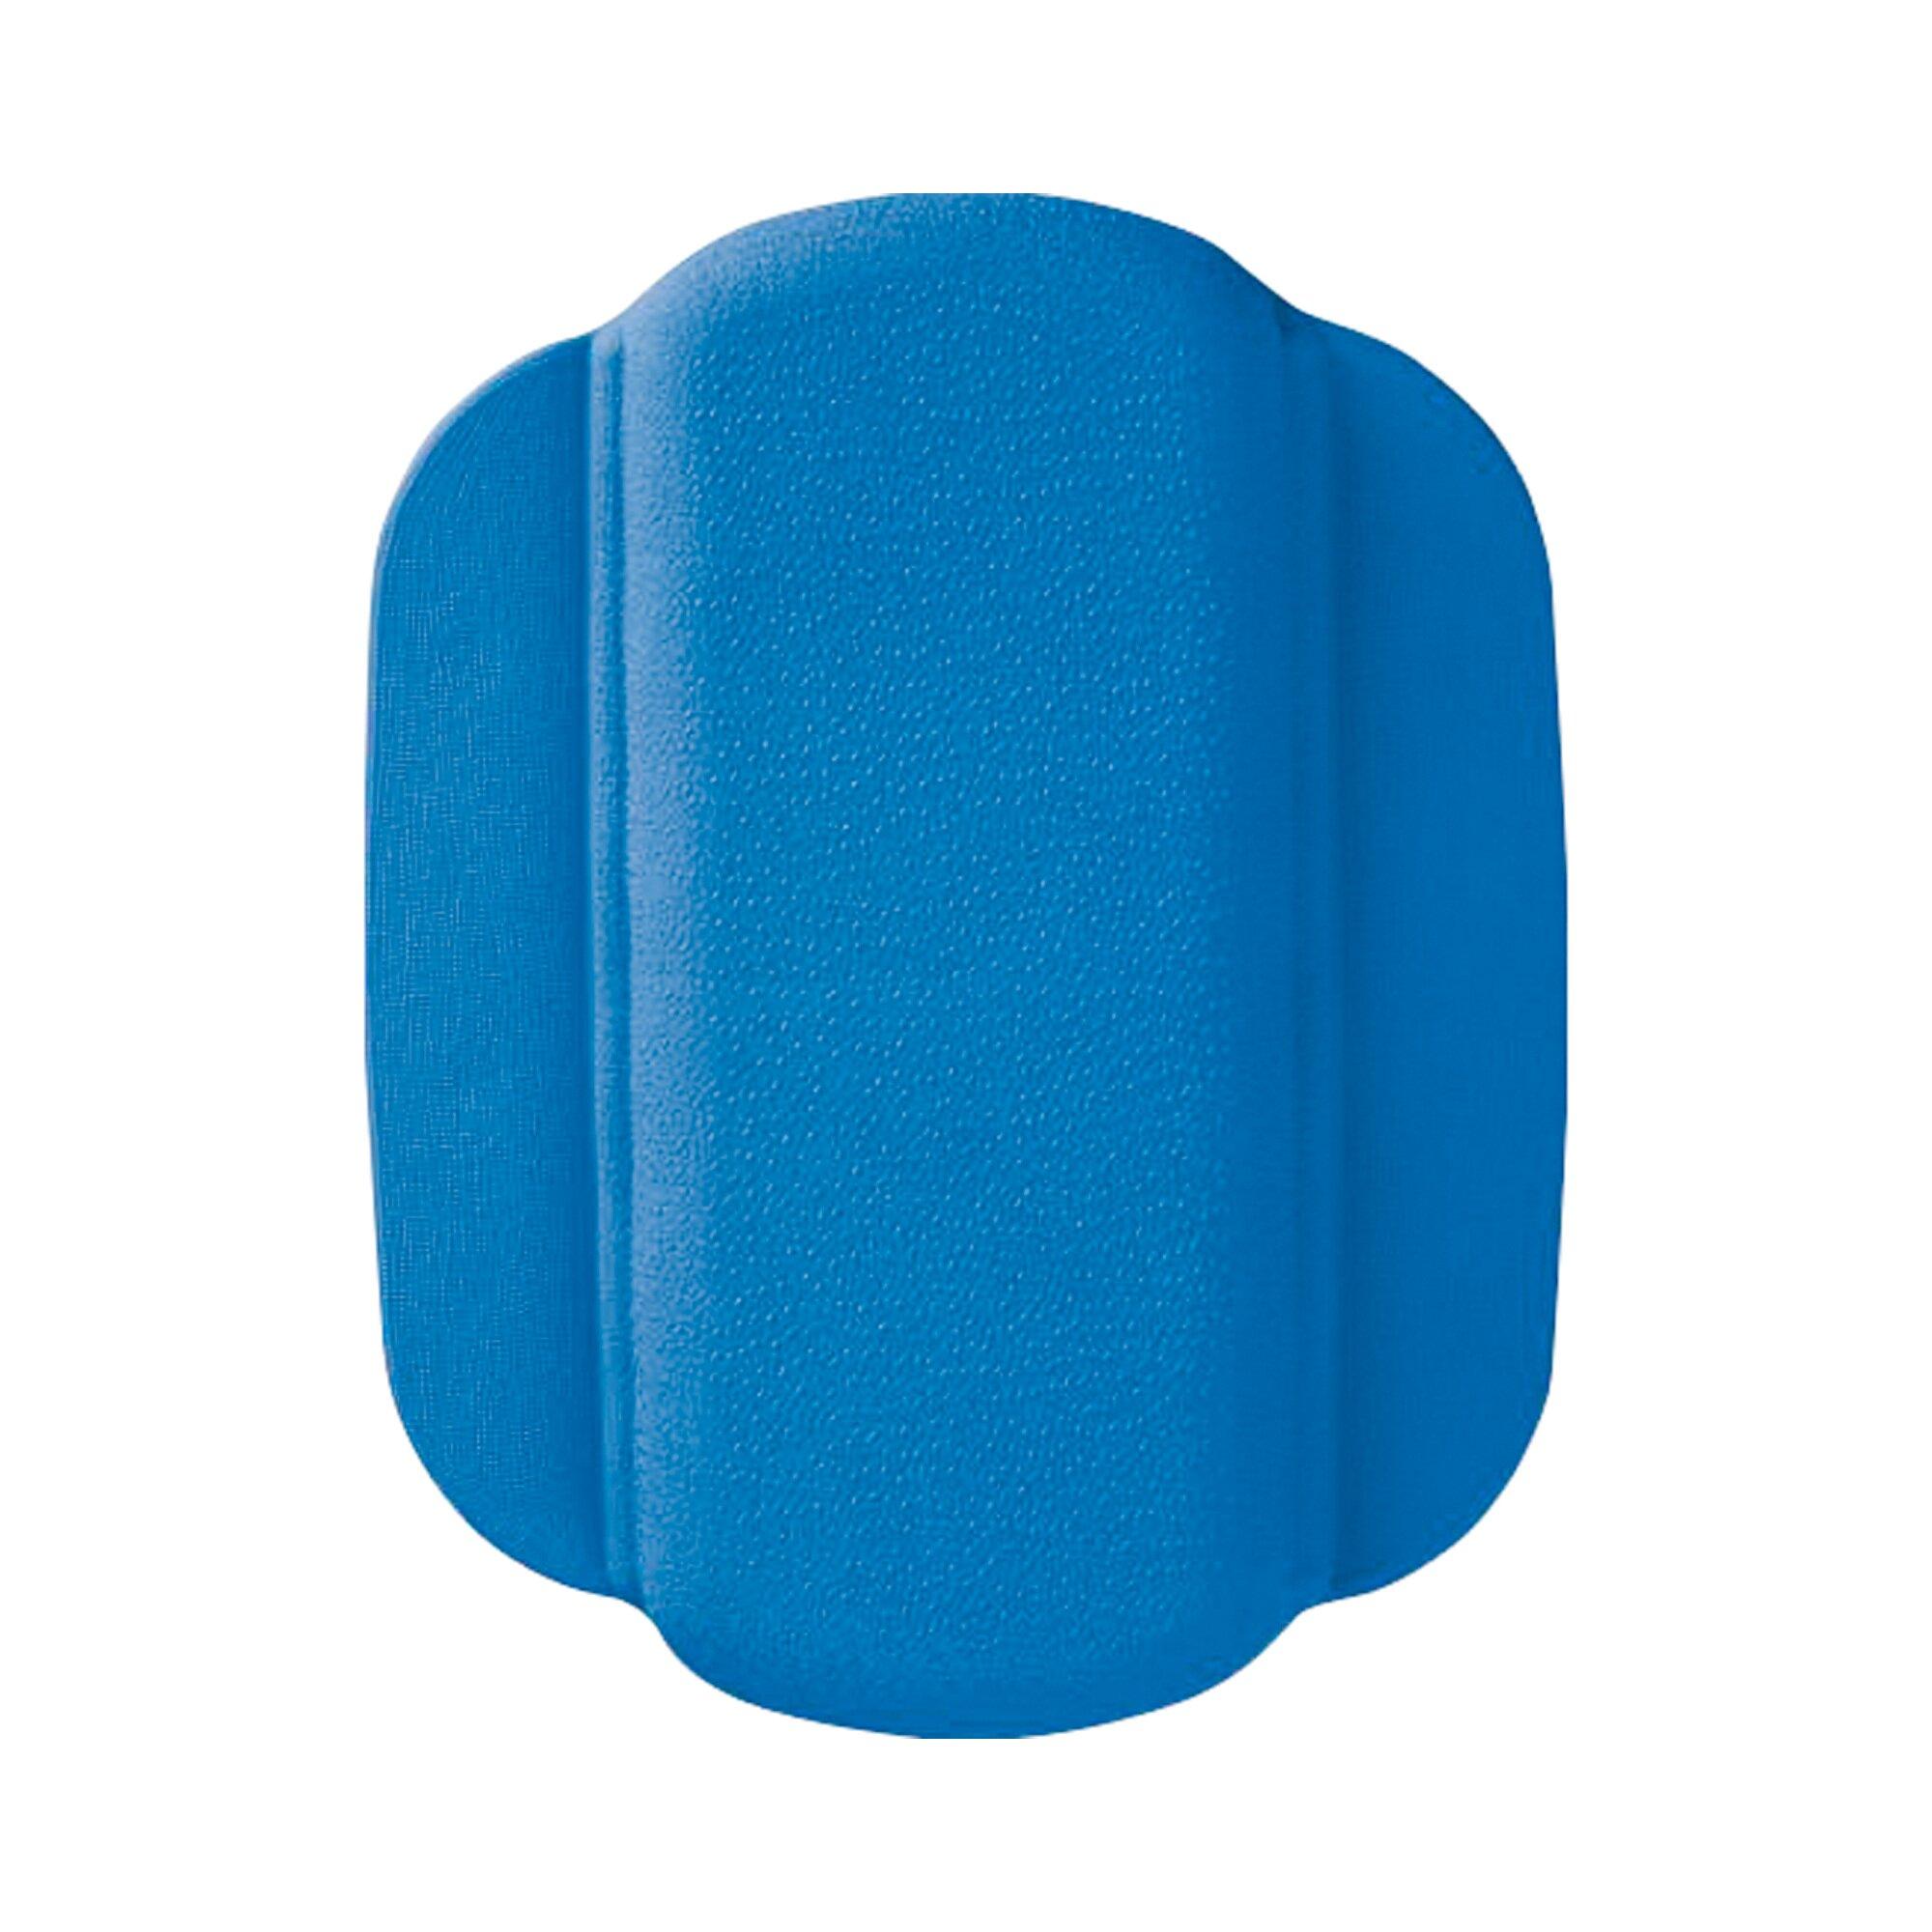 Image of Kopfpolster, blau